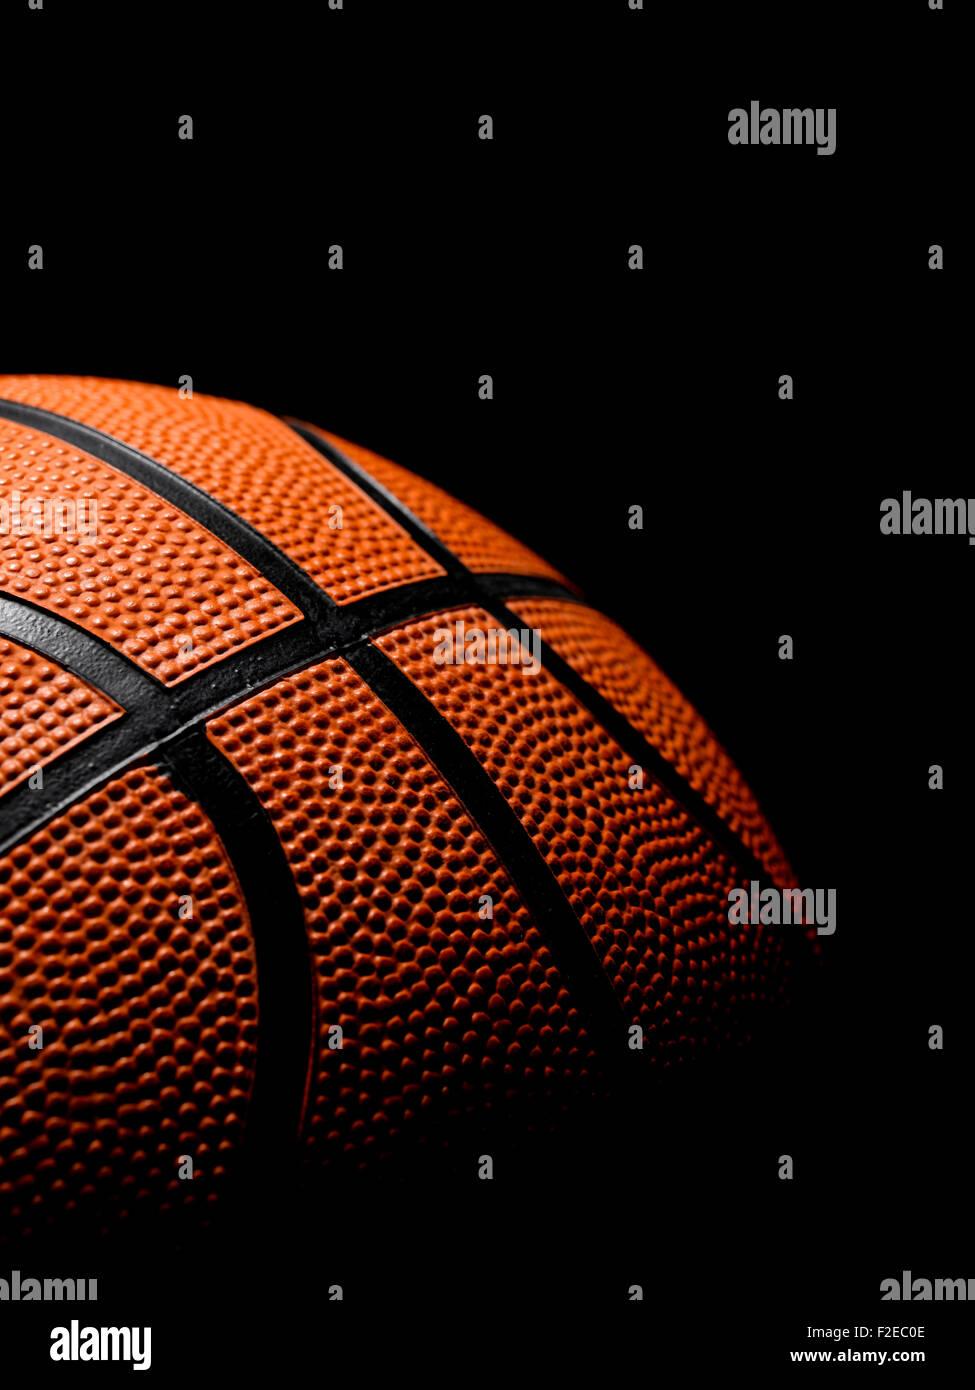 Unico Basket su sfondo nero Immagini Stock